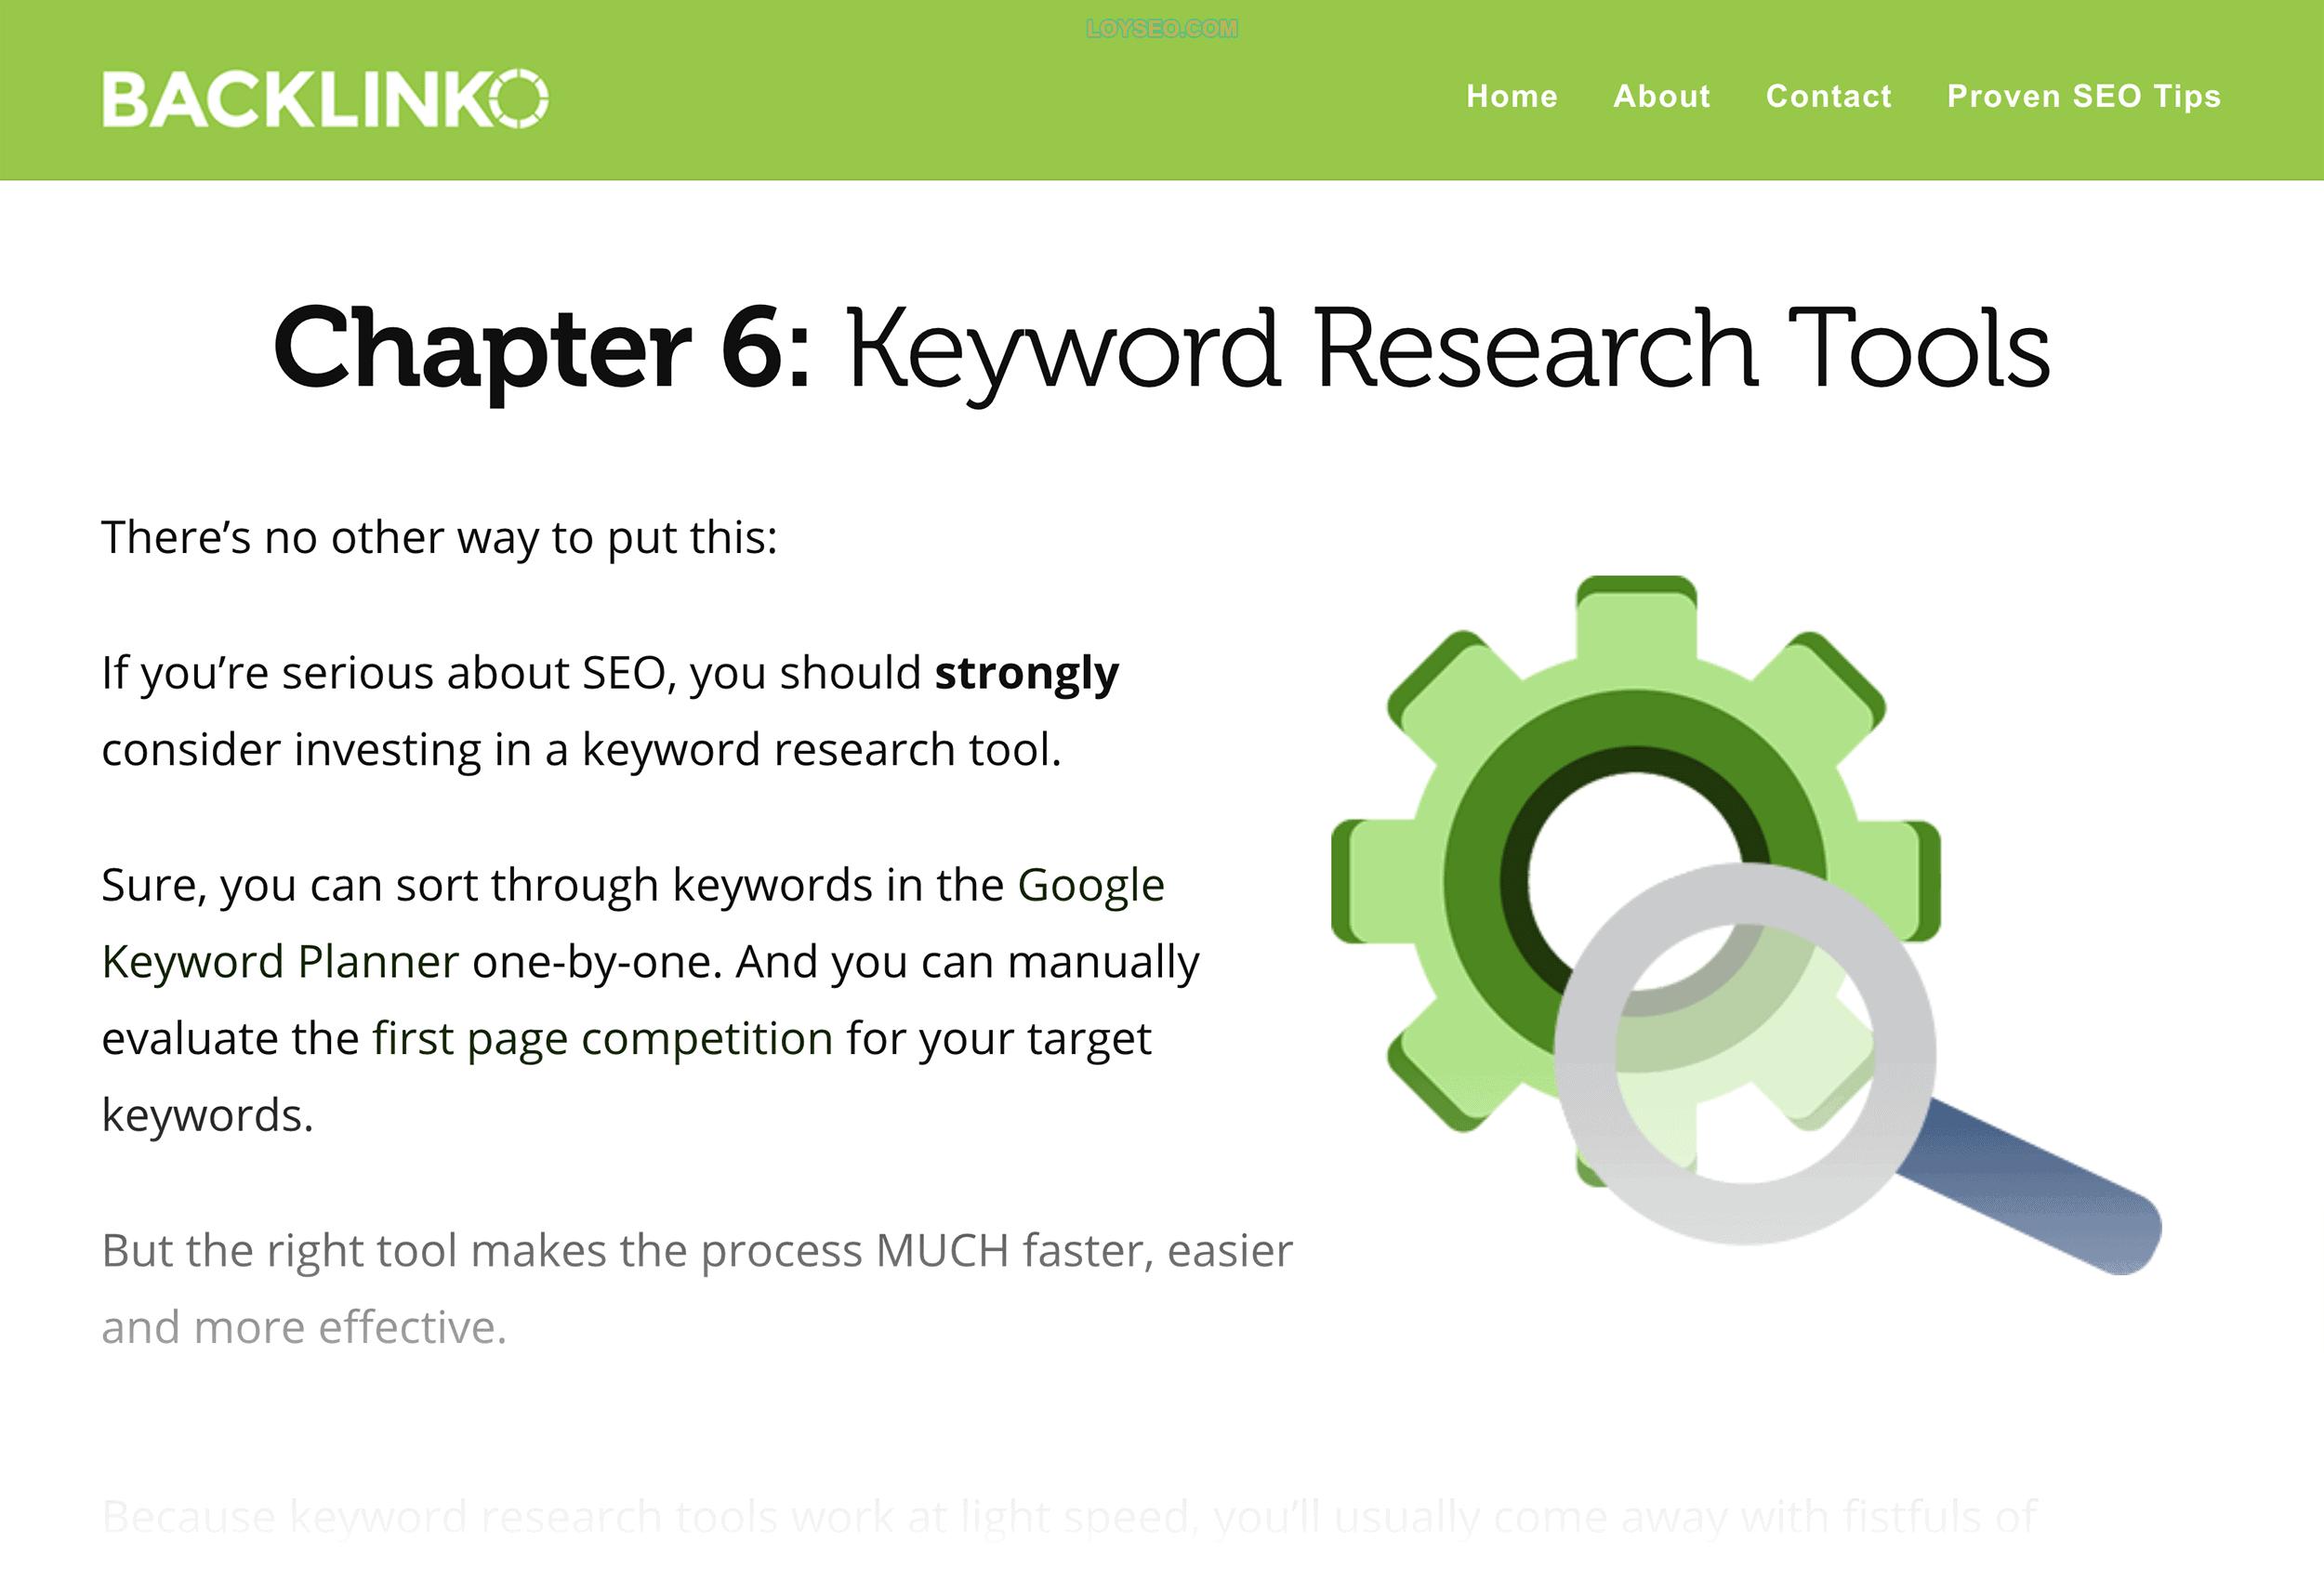 Backlinko – Chapter 6